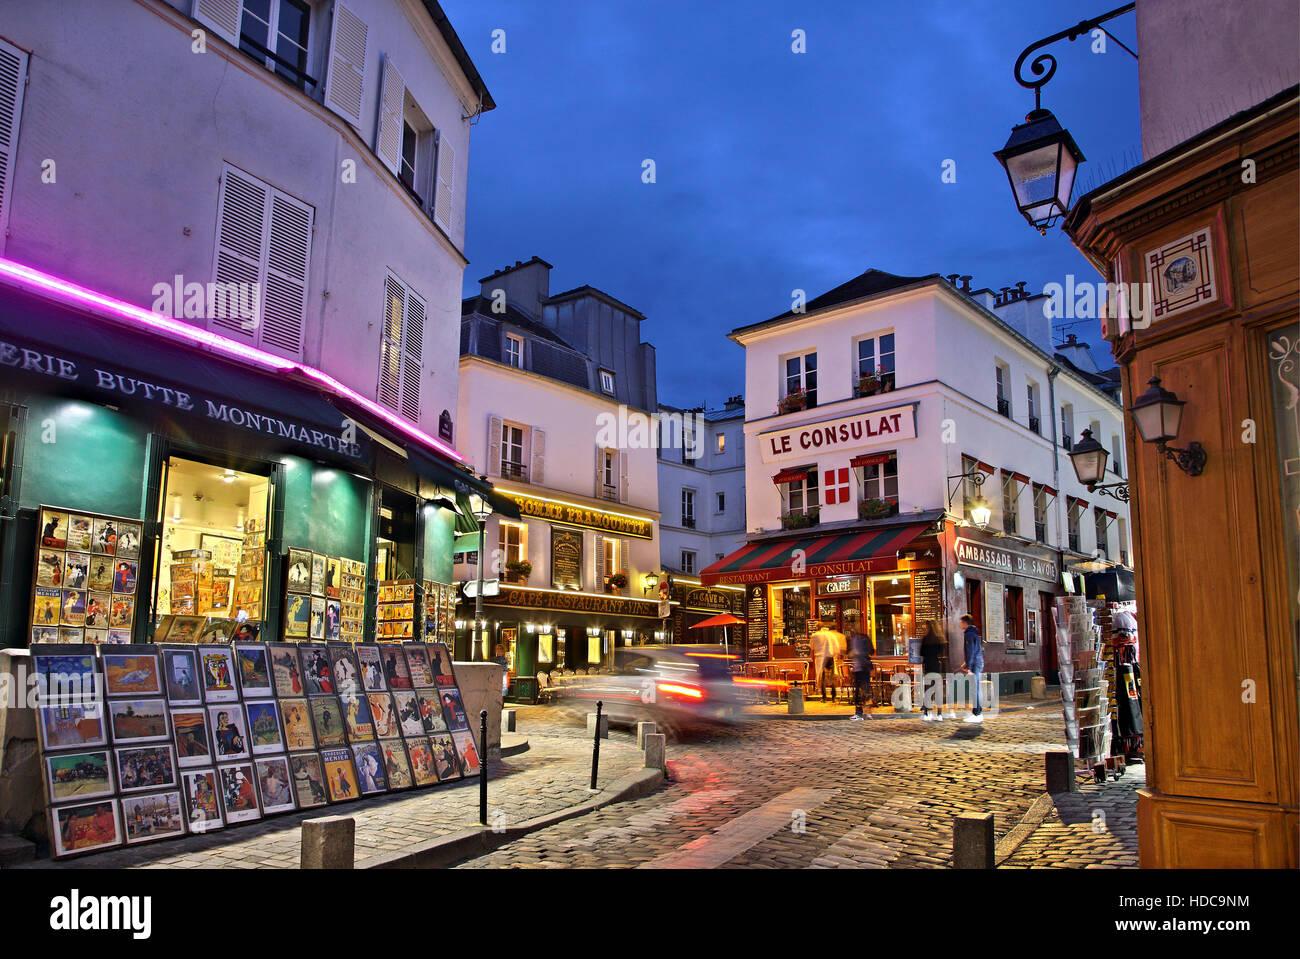 """Caminando por las pintorescas callejuelas de la """"Bohemia"""" barrio de Montmartre, Paris, Francia Imagen De Stock"""